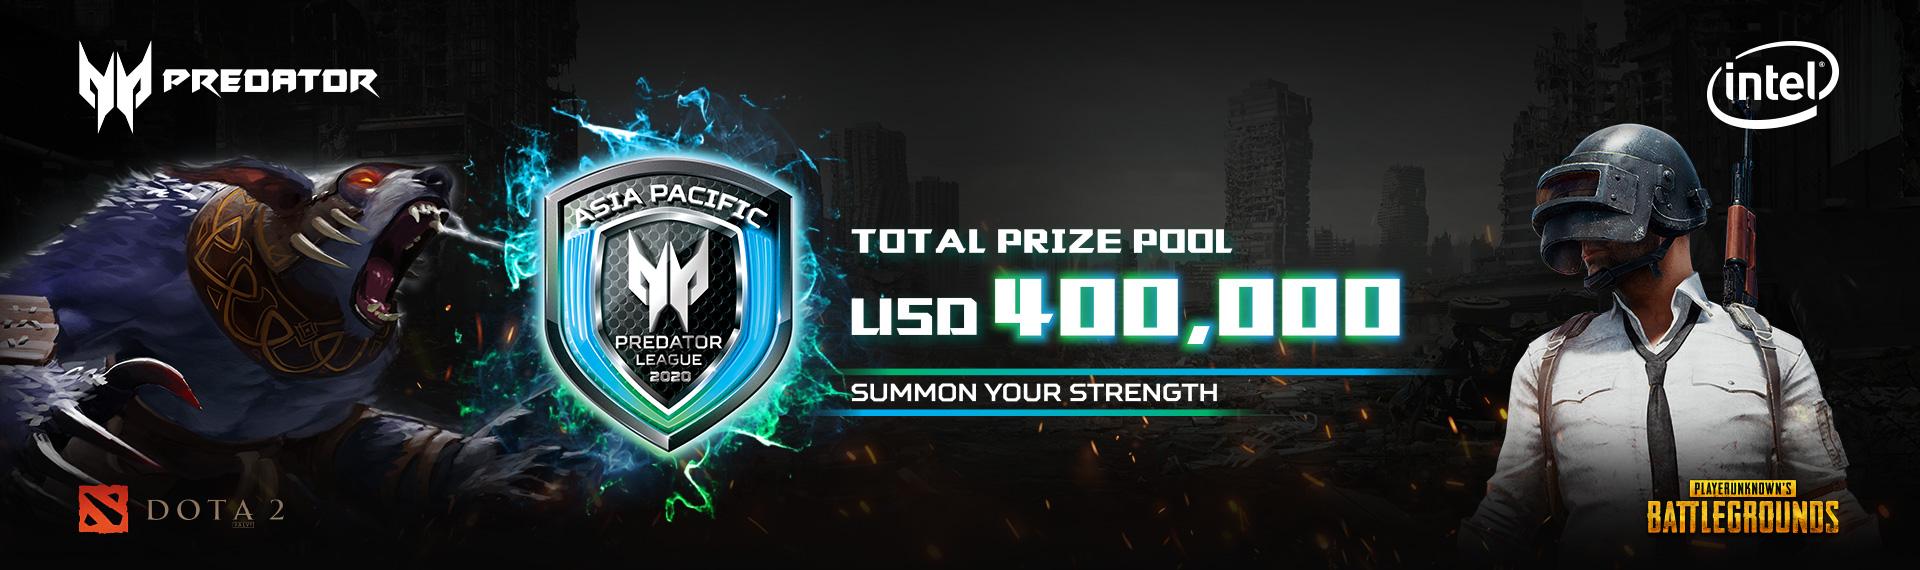 Segera Ikuti Online Qualifier di Predator League 2020 dan Raih Prize Pool Senilai USD 400.000!